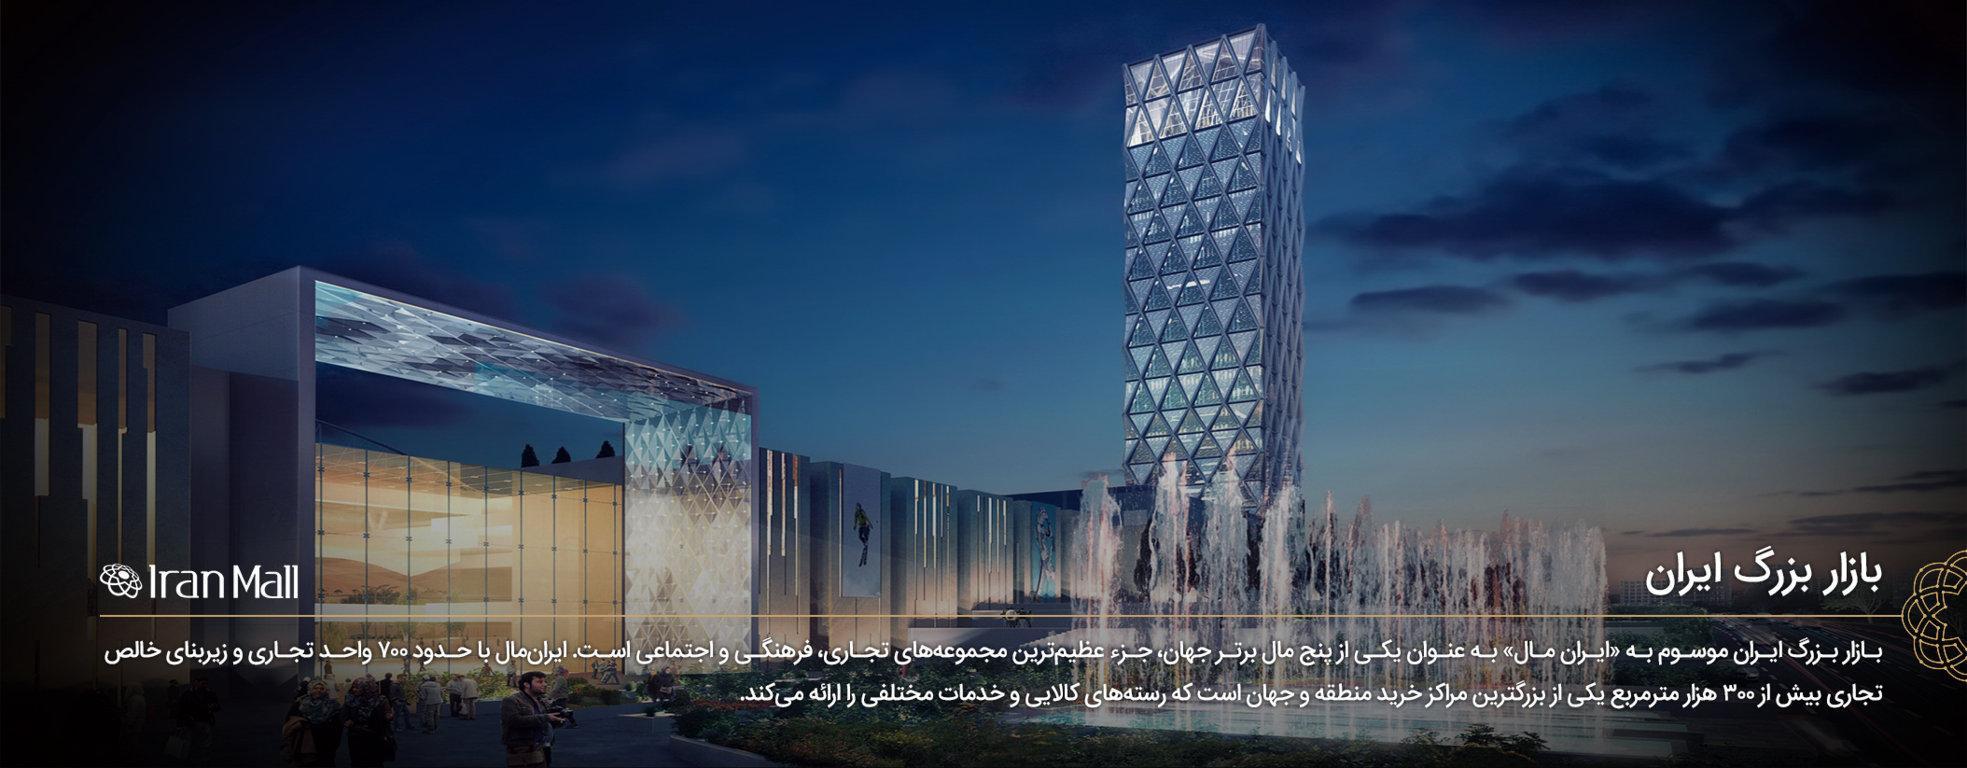 تحریم ها ئی که فعالیت بزرگترین مجتمع تجاری در تهران با اخلال روبروخواهد کرد